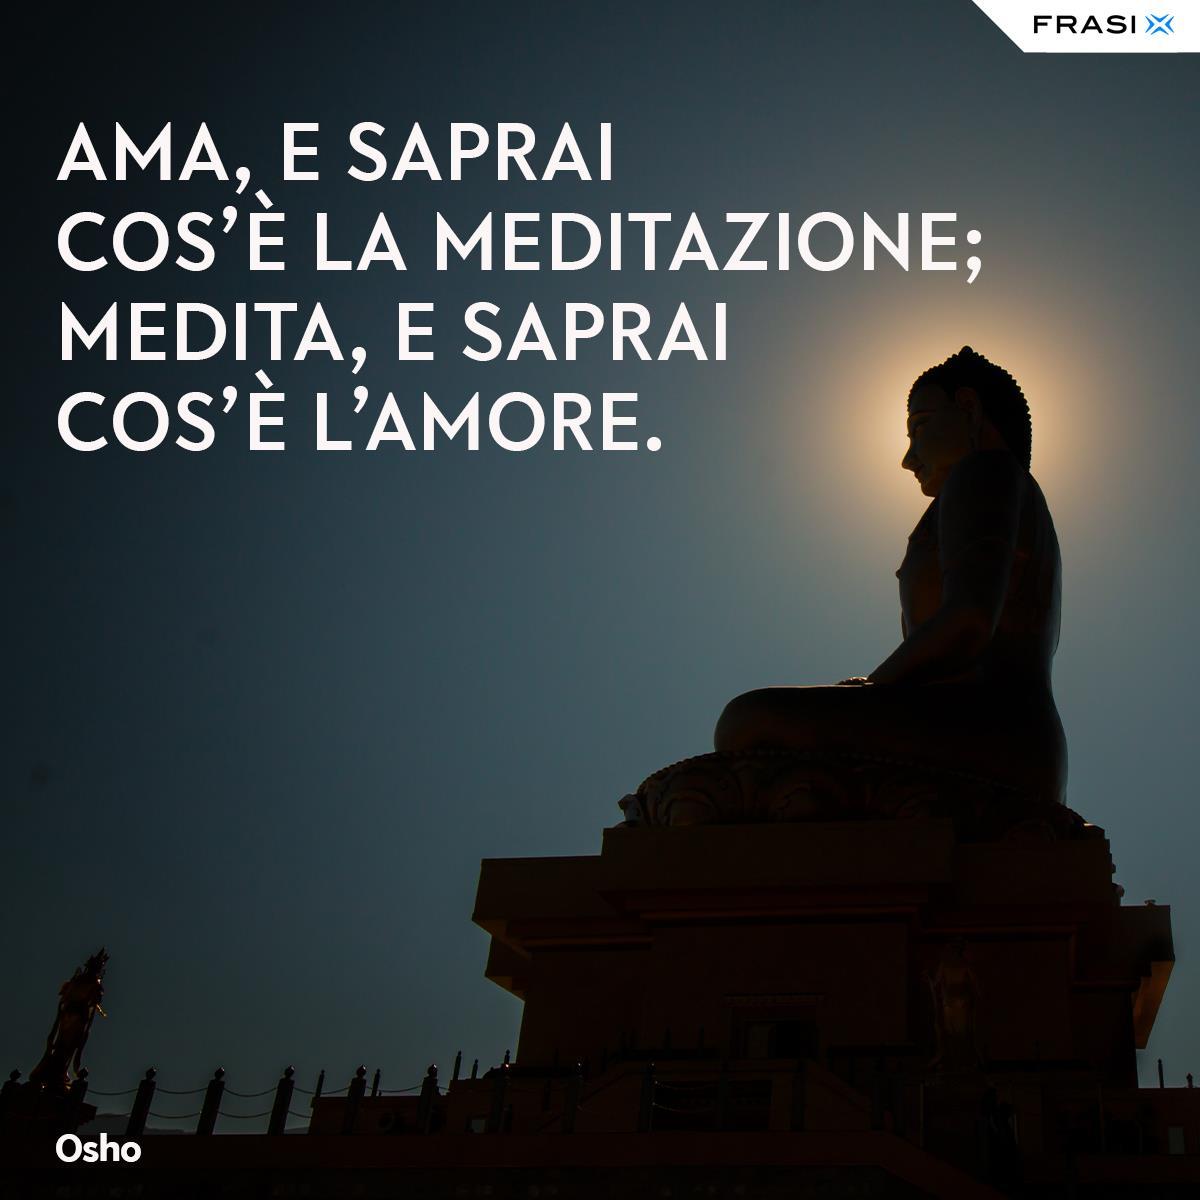 Frasi su amore e meditazione Osho